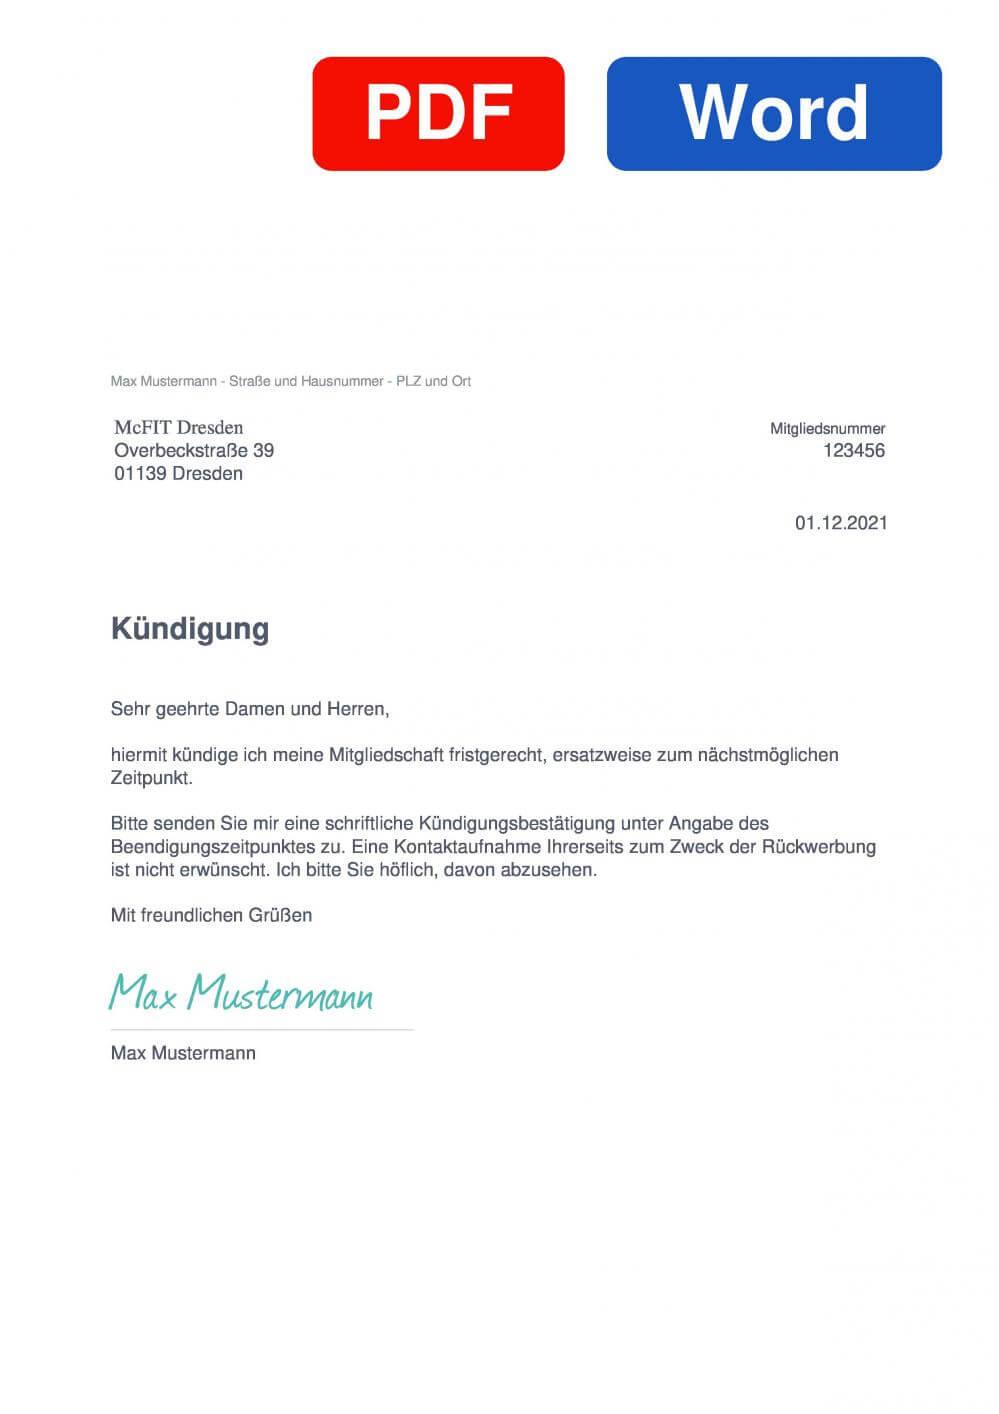 McFIT Dresden Muster Vorlage für Kündigungsschreiben